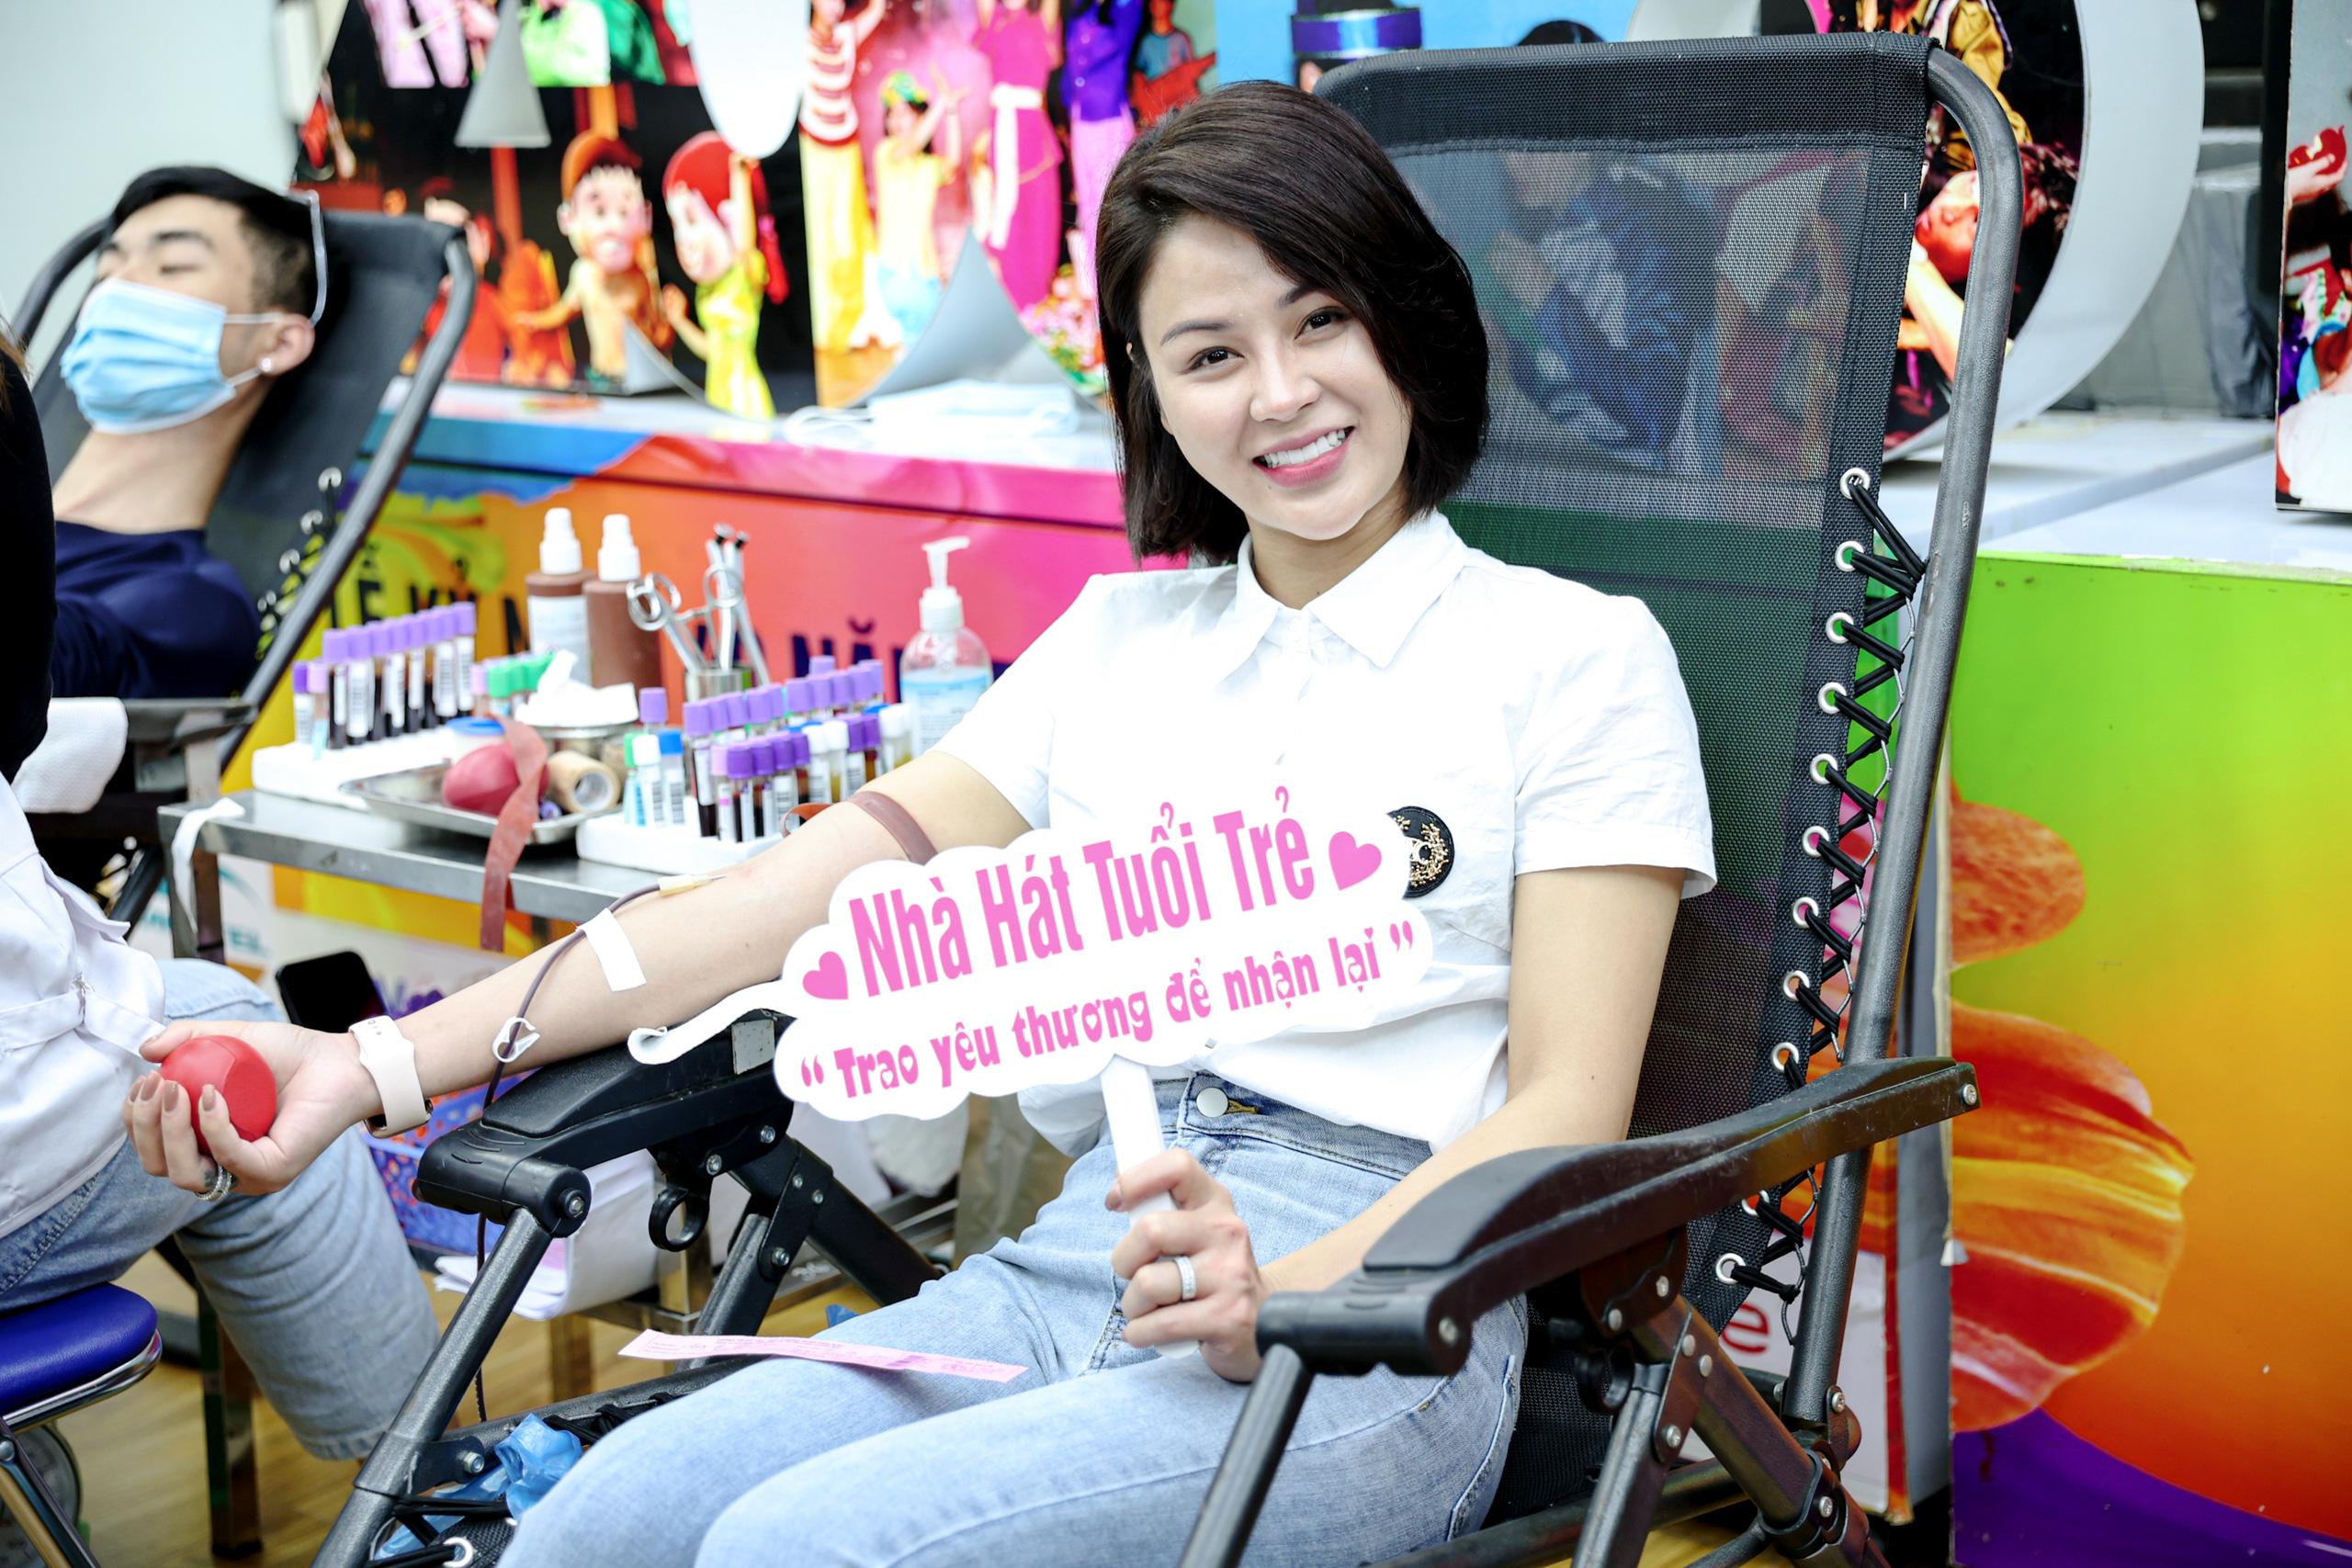 """Đông đảo các nghệ sĩ Việt tham gia hiến máu với thông điệp ý nghĩa """"Trao yêu thương để nhận lại"""". - Ảnh 6."""